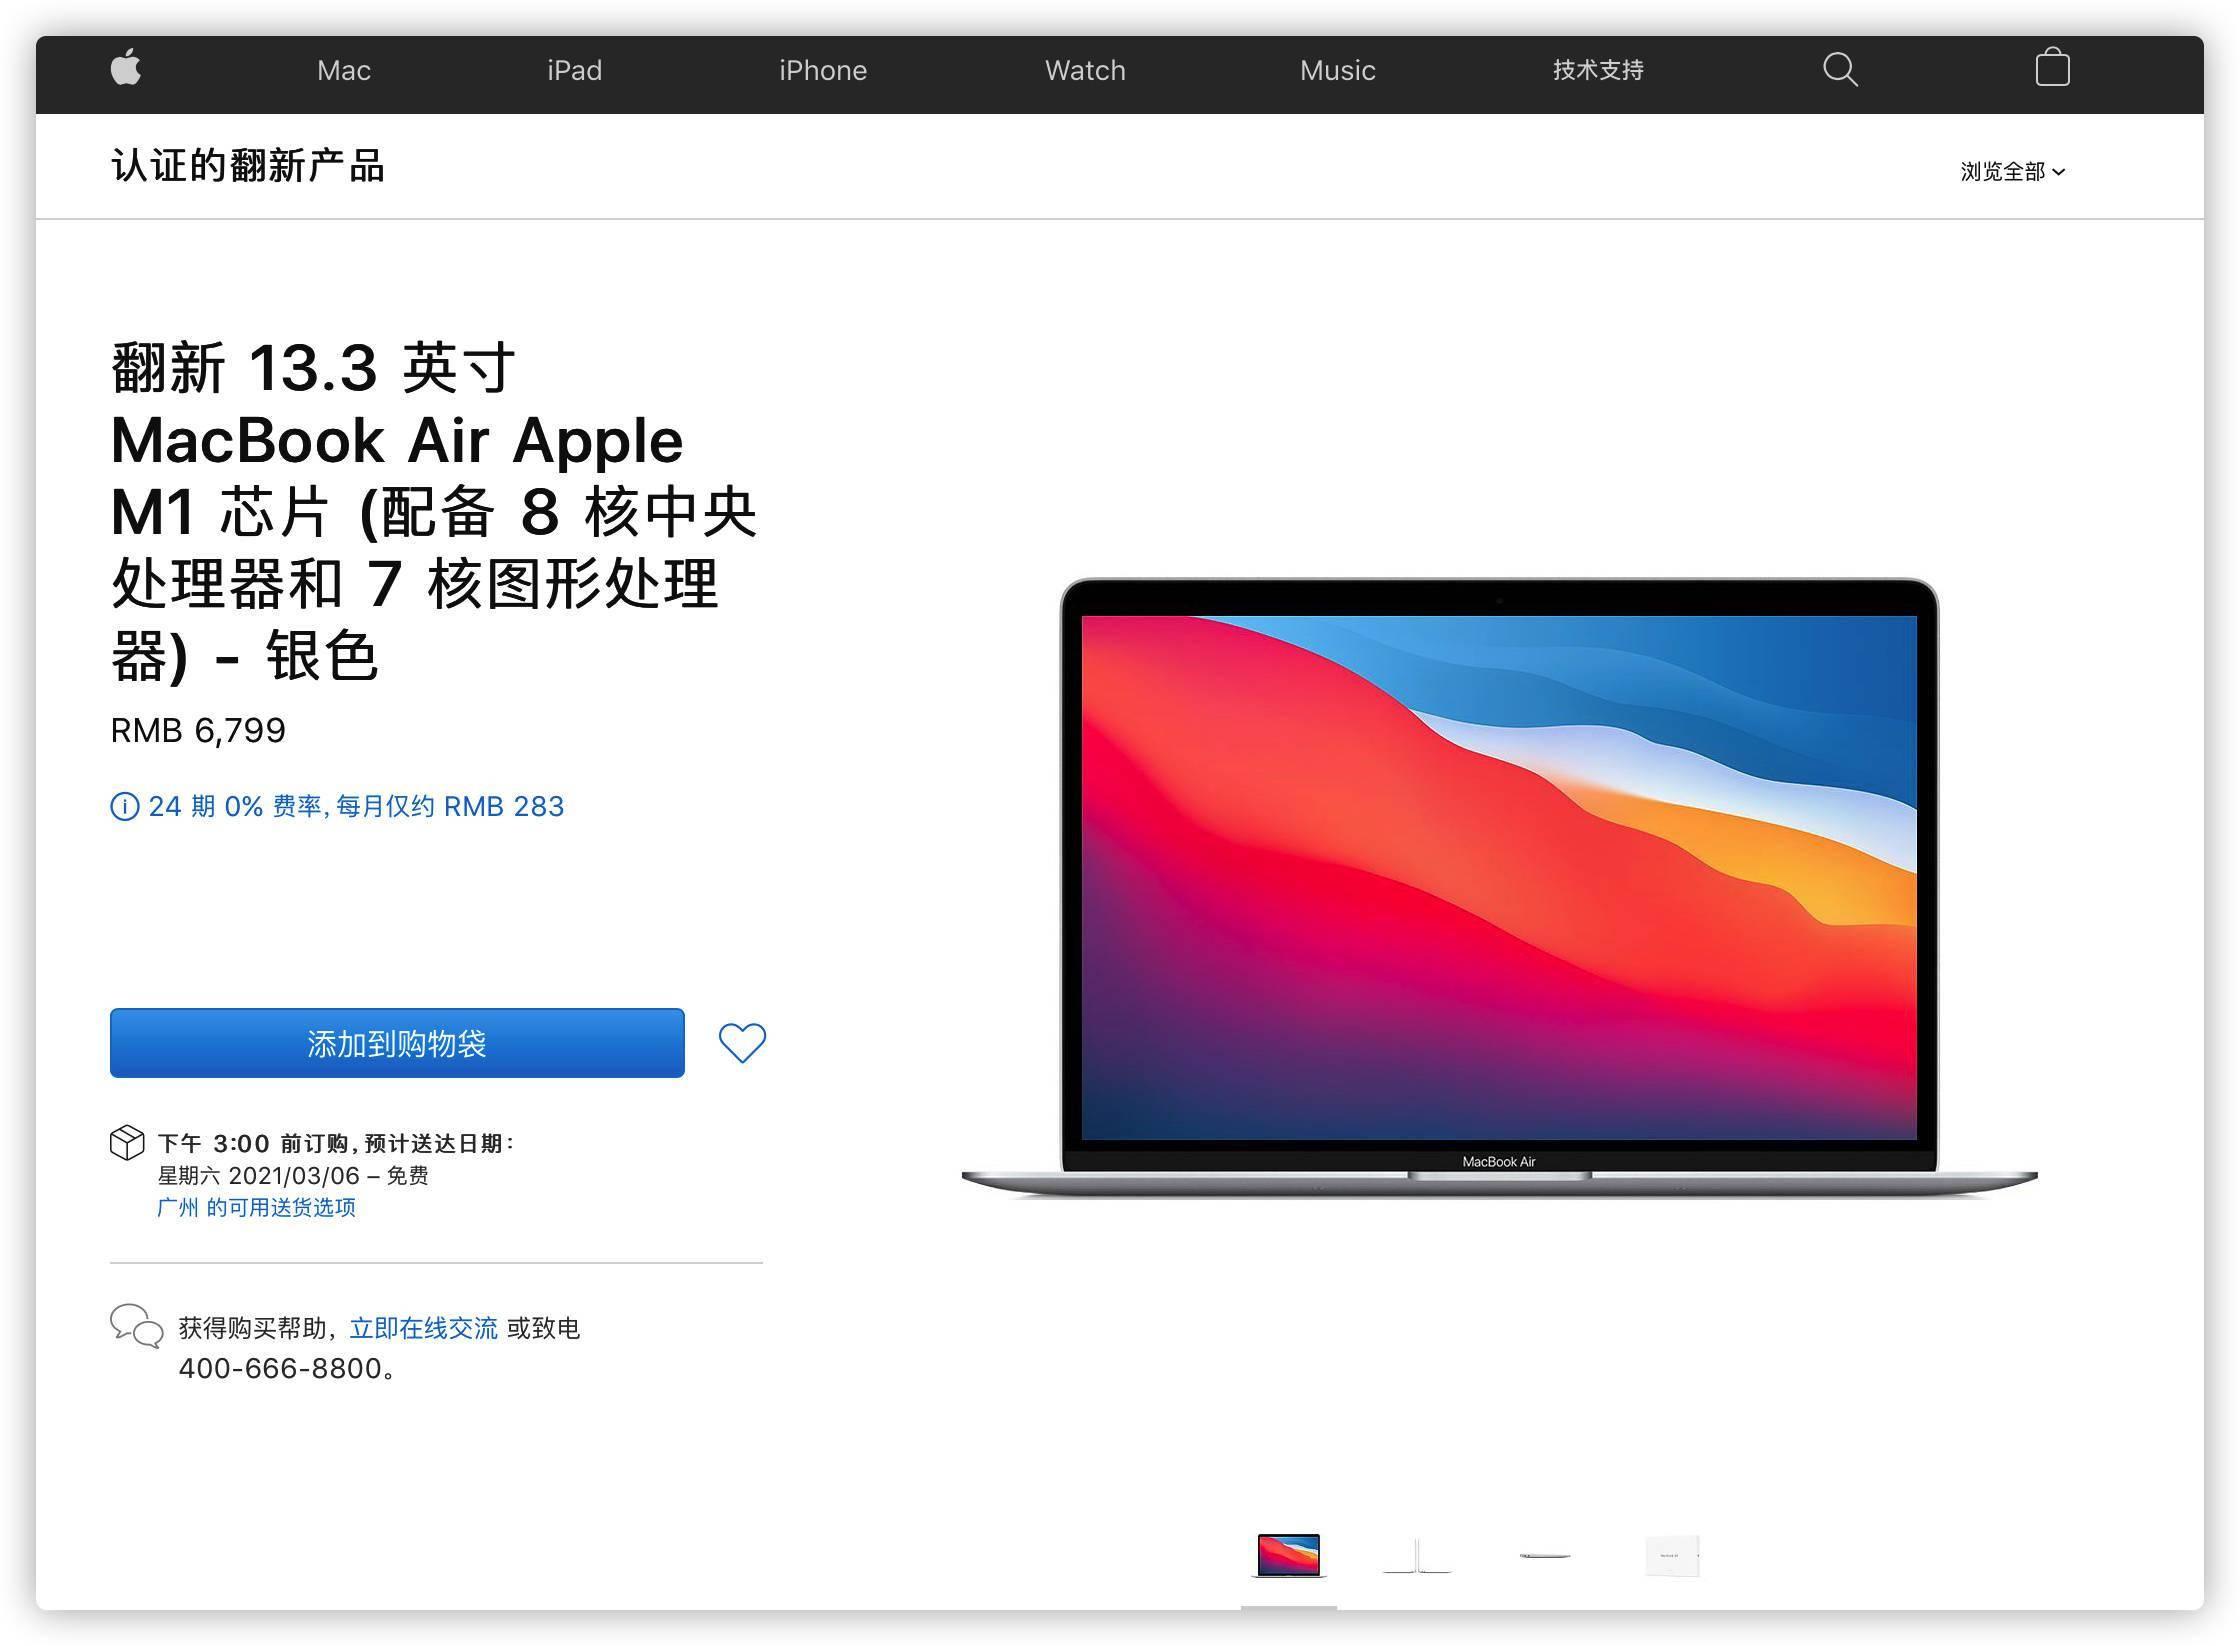 优惠幅度超千元,翻新 M1 MacBook Air 上架国内官网